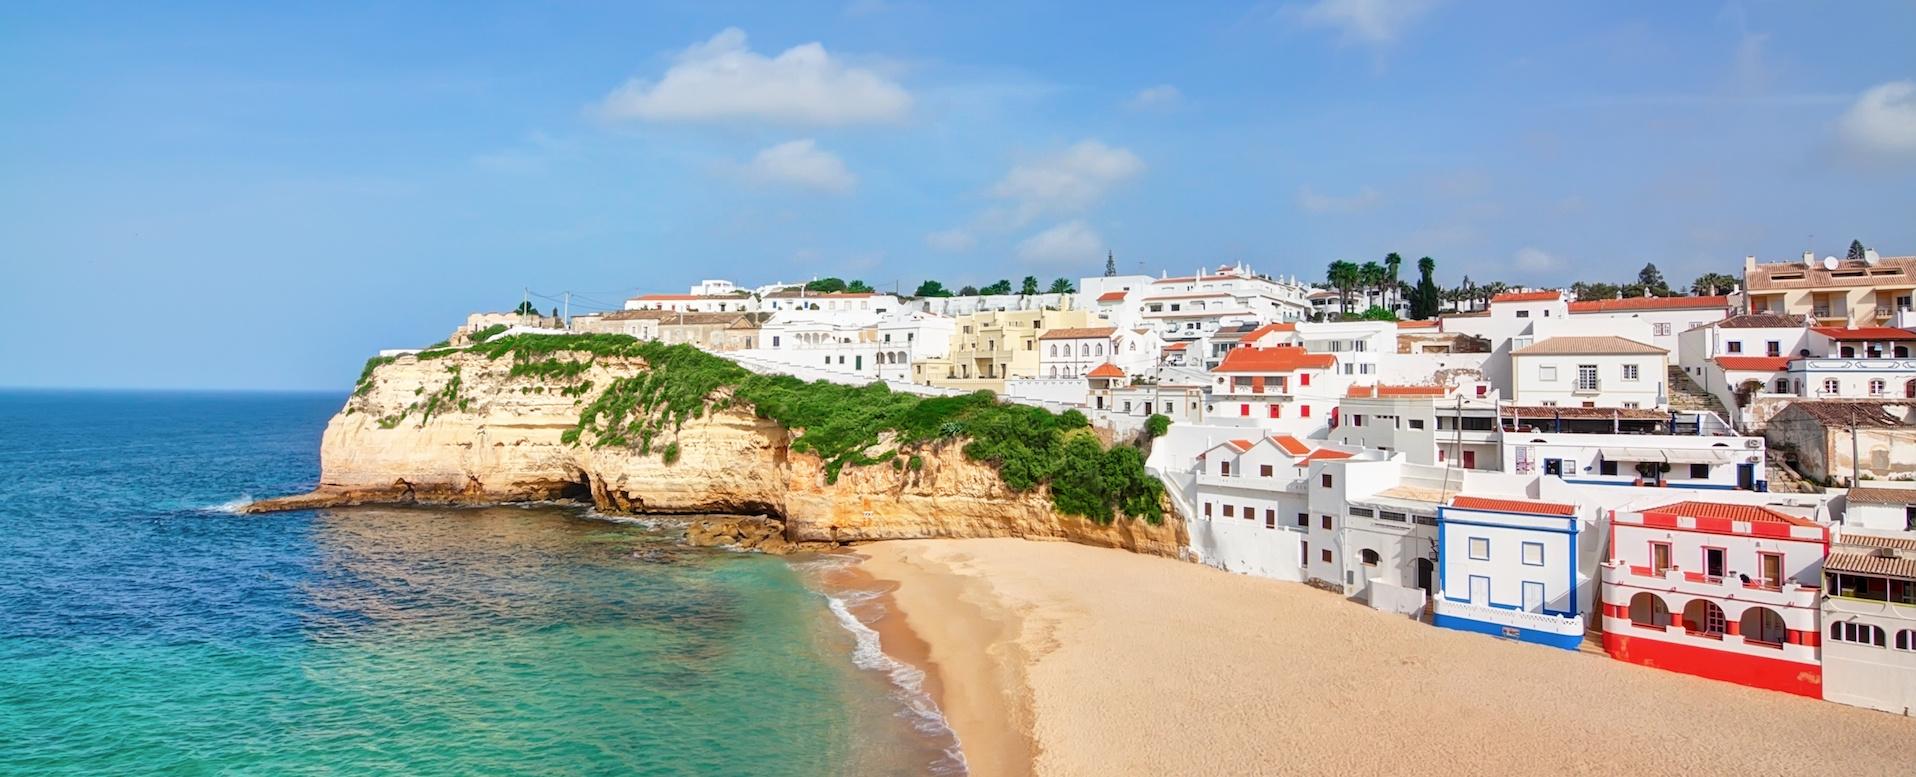 SALIR & ALTE - Algarve